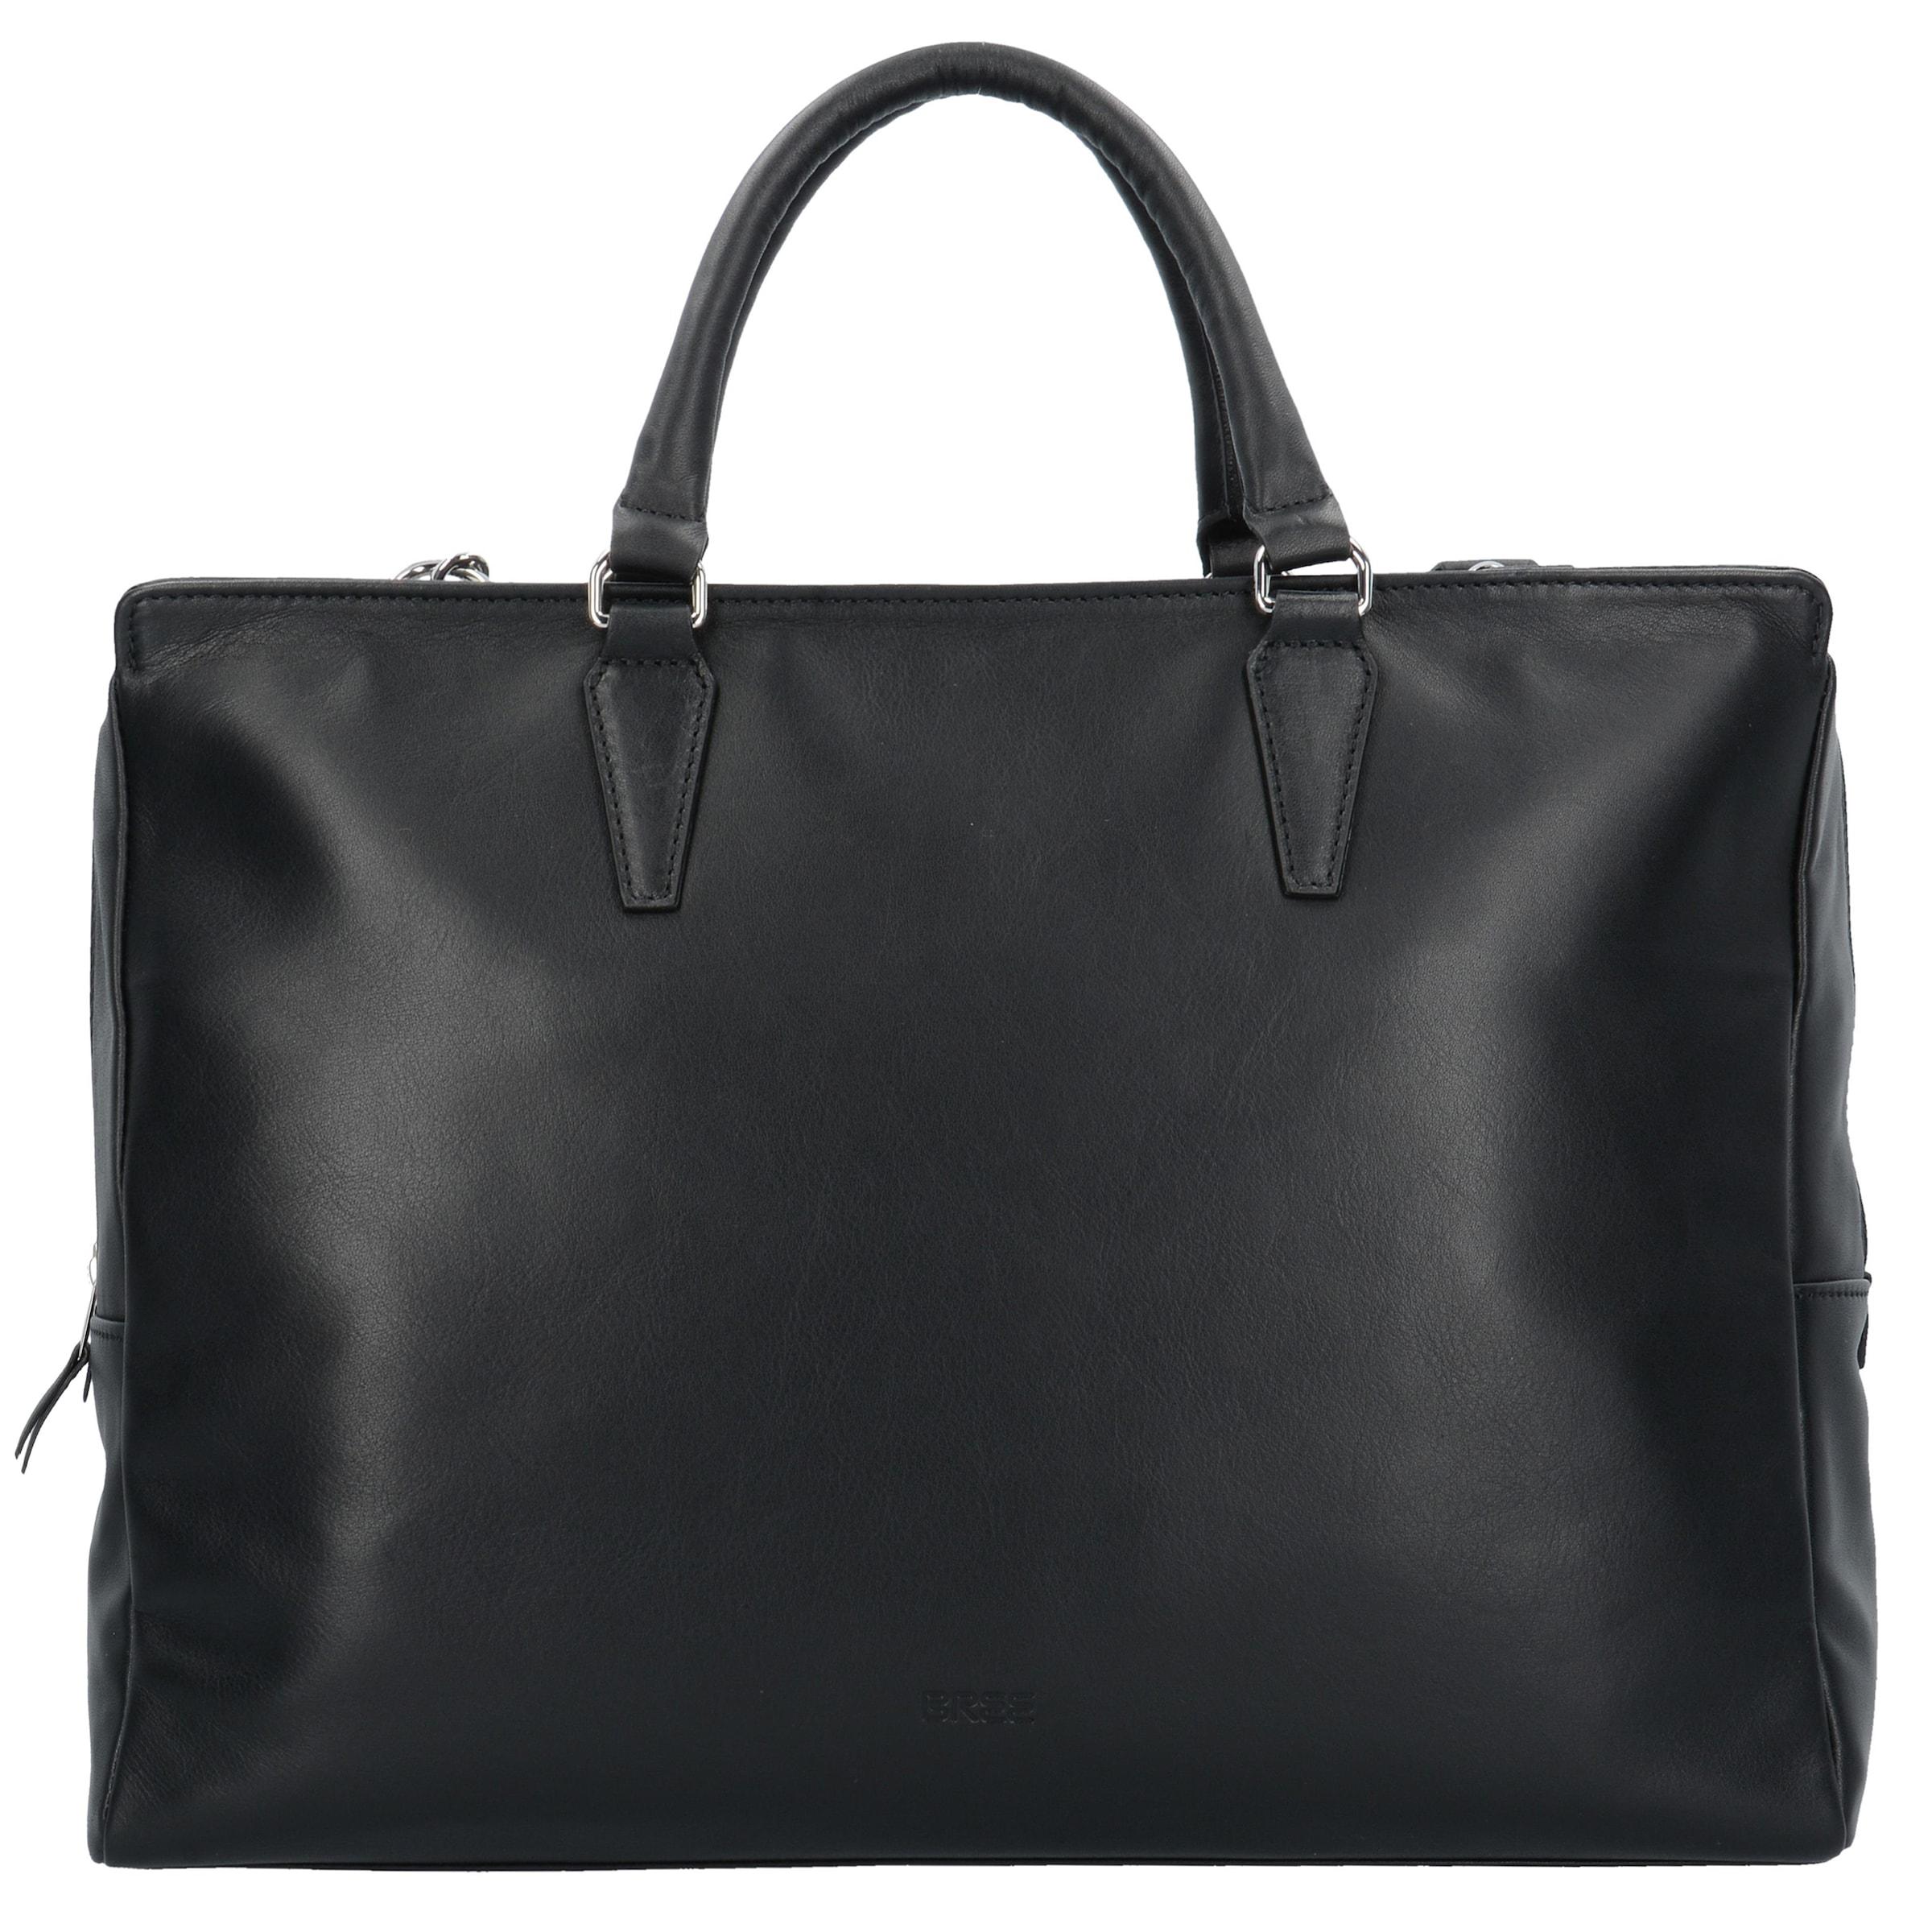 BREE 'Stockholm' Handtasche Rabatt Kaufen Online Zahlen Mit Paypal Verkauf 3IPKQiUWJ